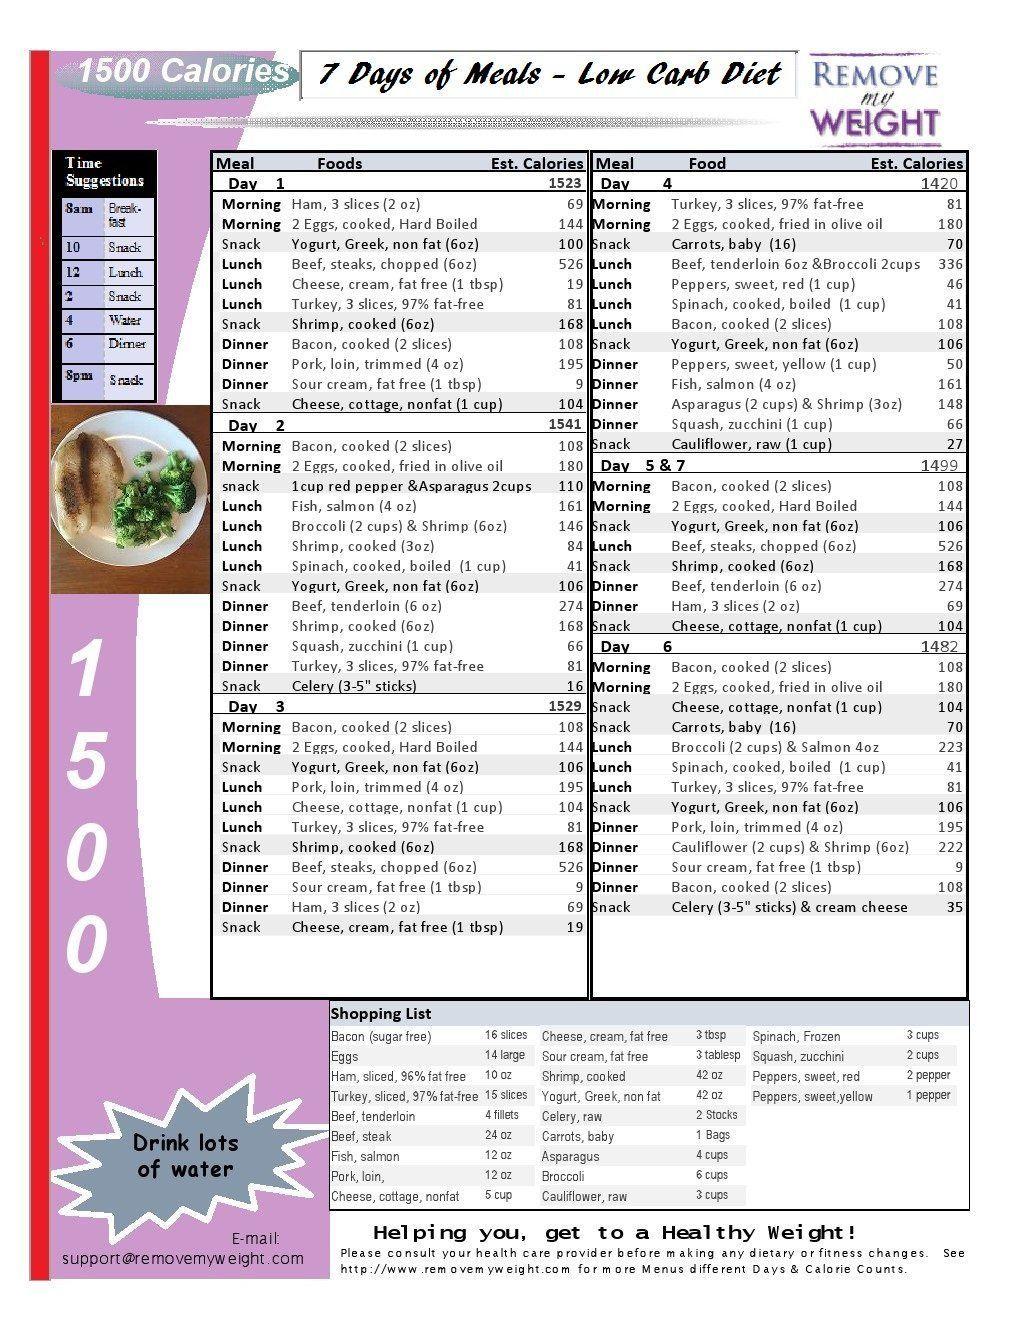 007 Stirring Sample 1500 Calorie Meal Plan Pdf Design Full